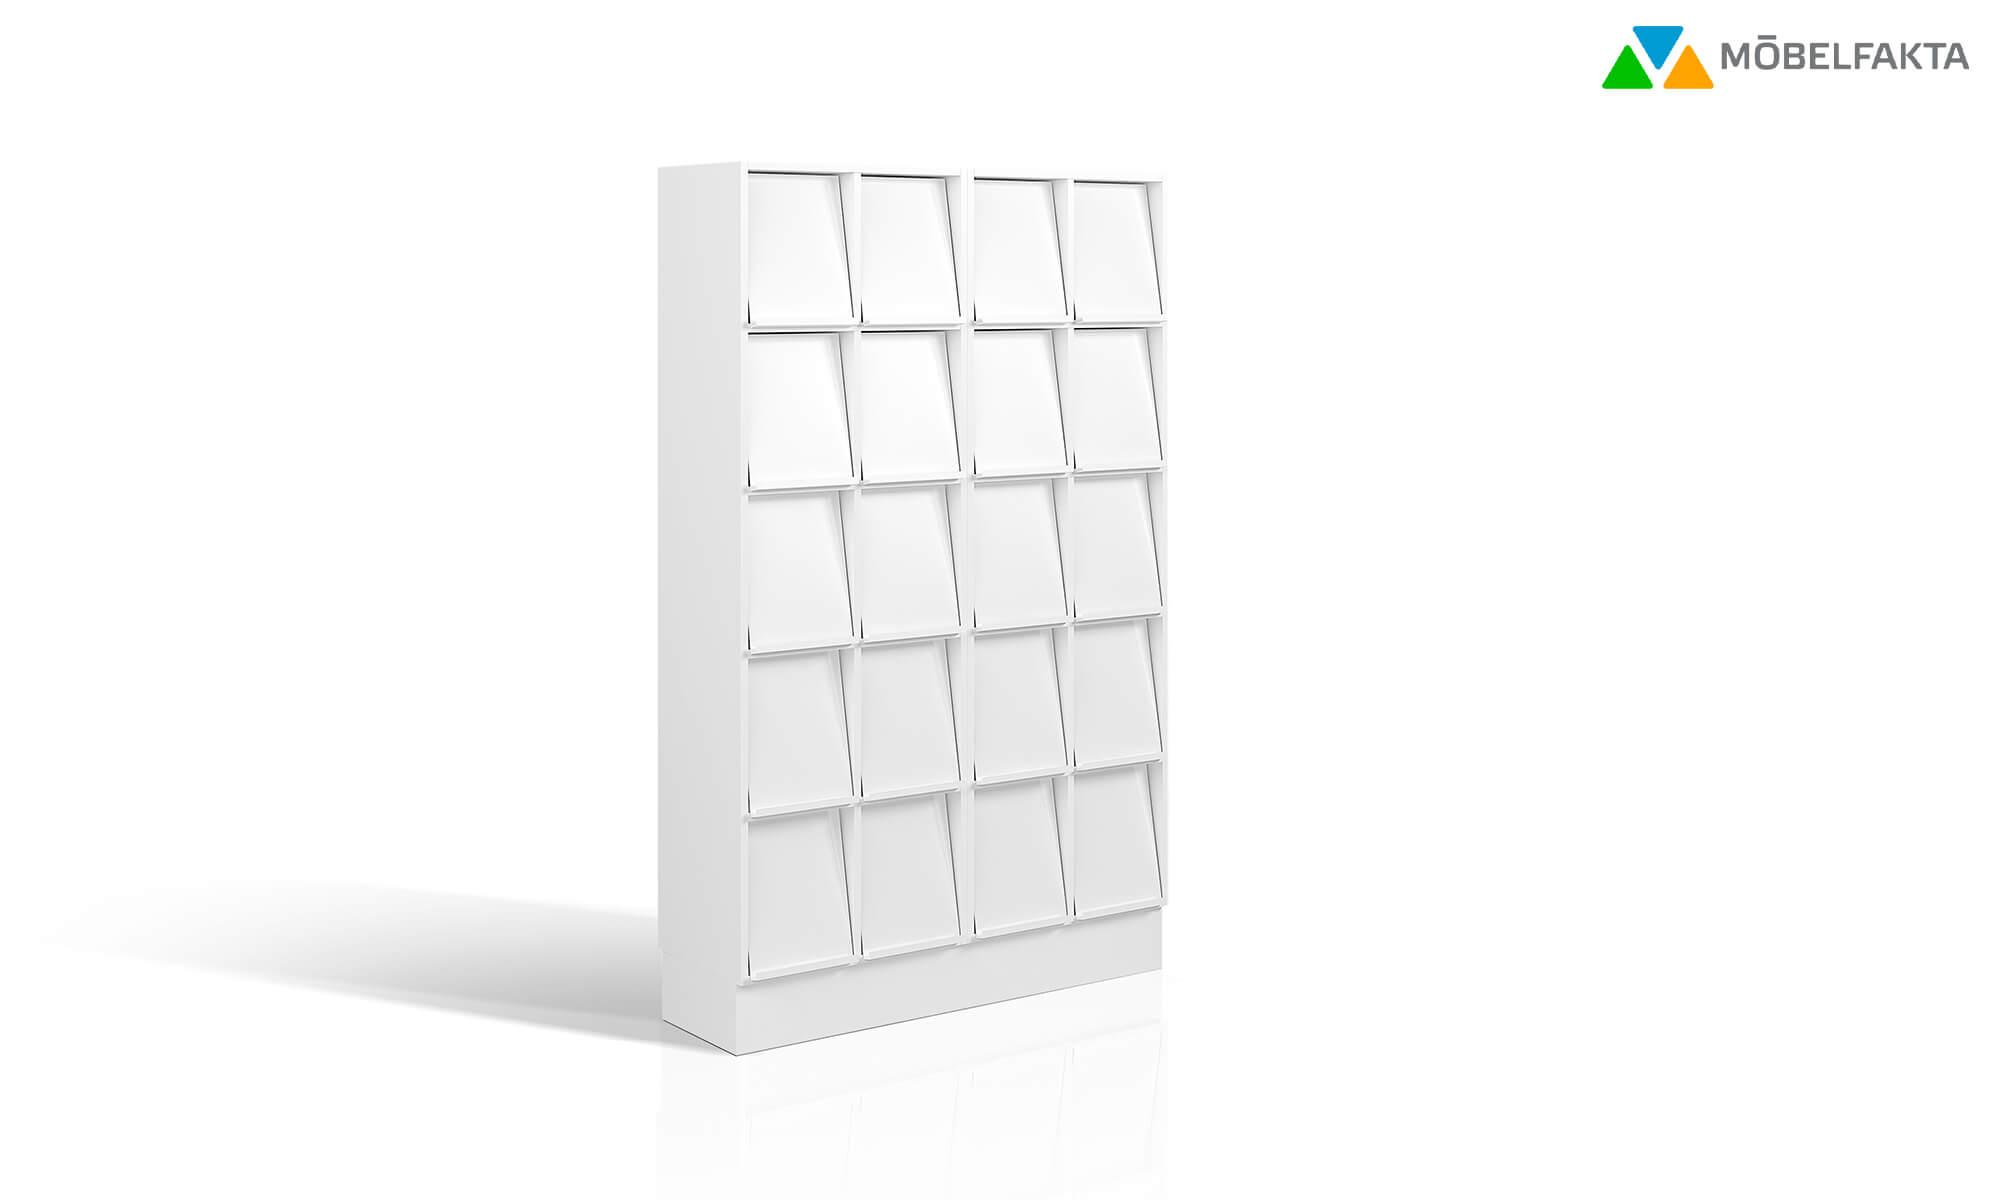 tidsskriftshylla tidningsställ exponeringshylla display shelf trece förvaring för tidningar väntrum exponeringsyta möbelfakta